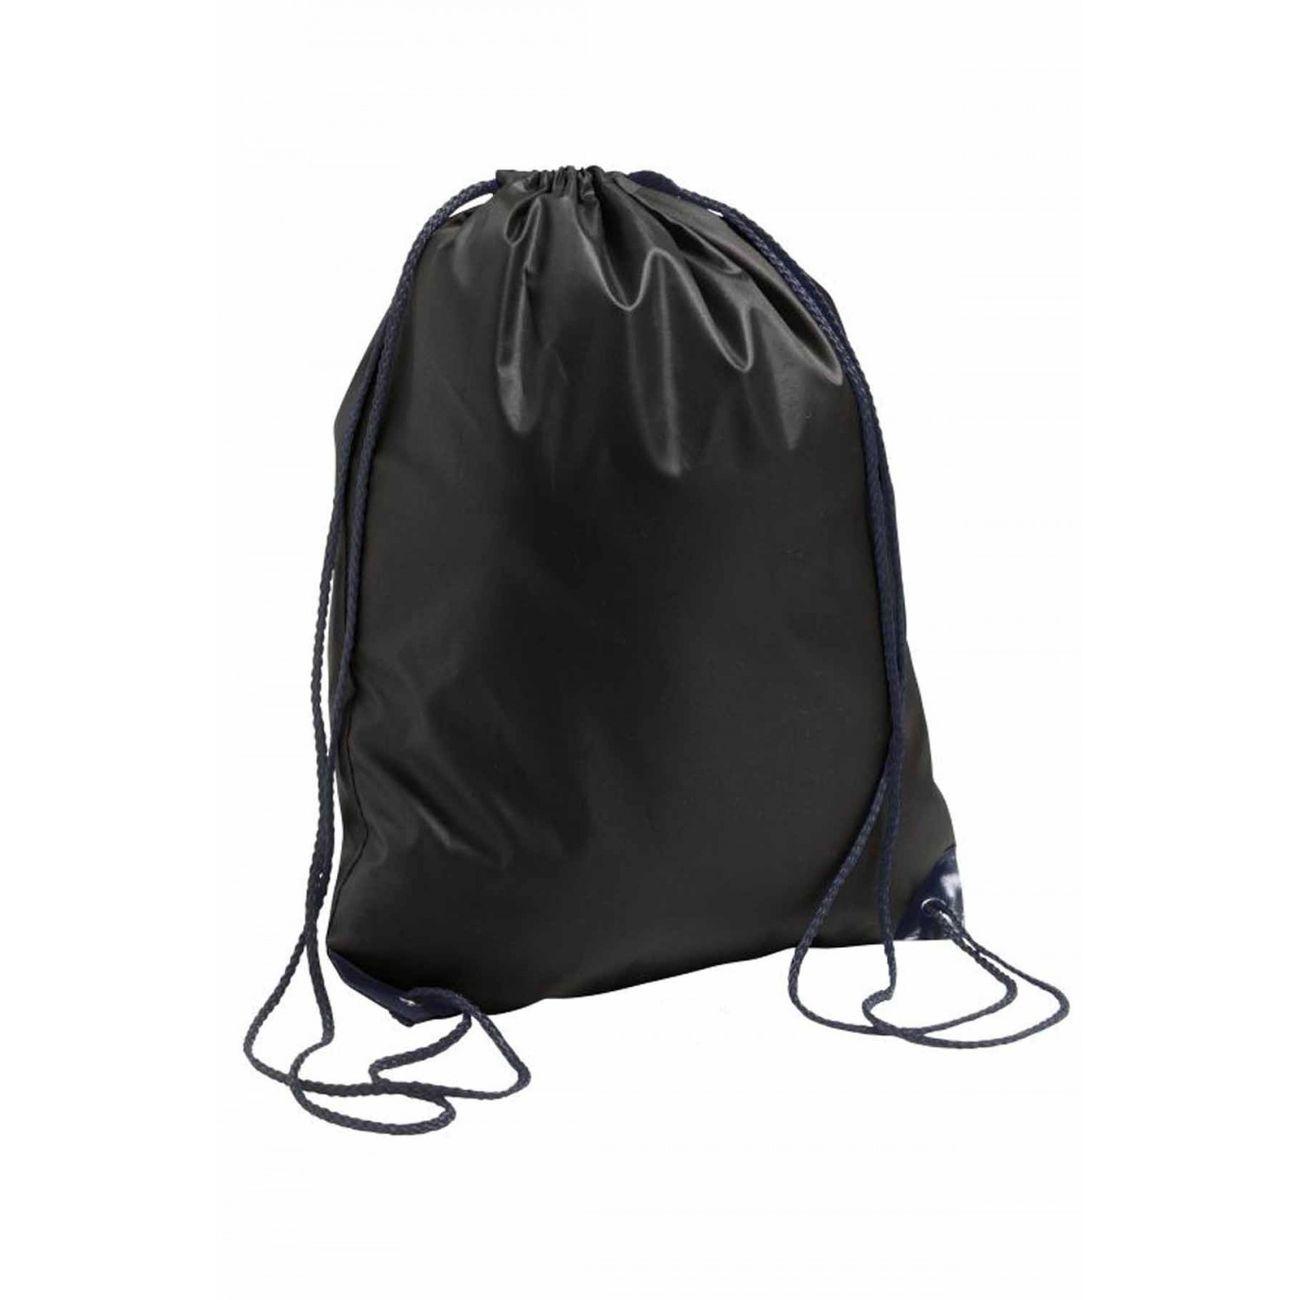 Mode- Lifestyle  SOL S Sac à dos en toile à bretelles - 70600 - noir